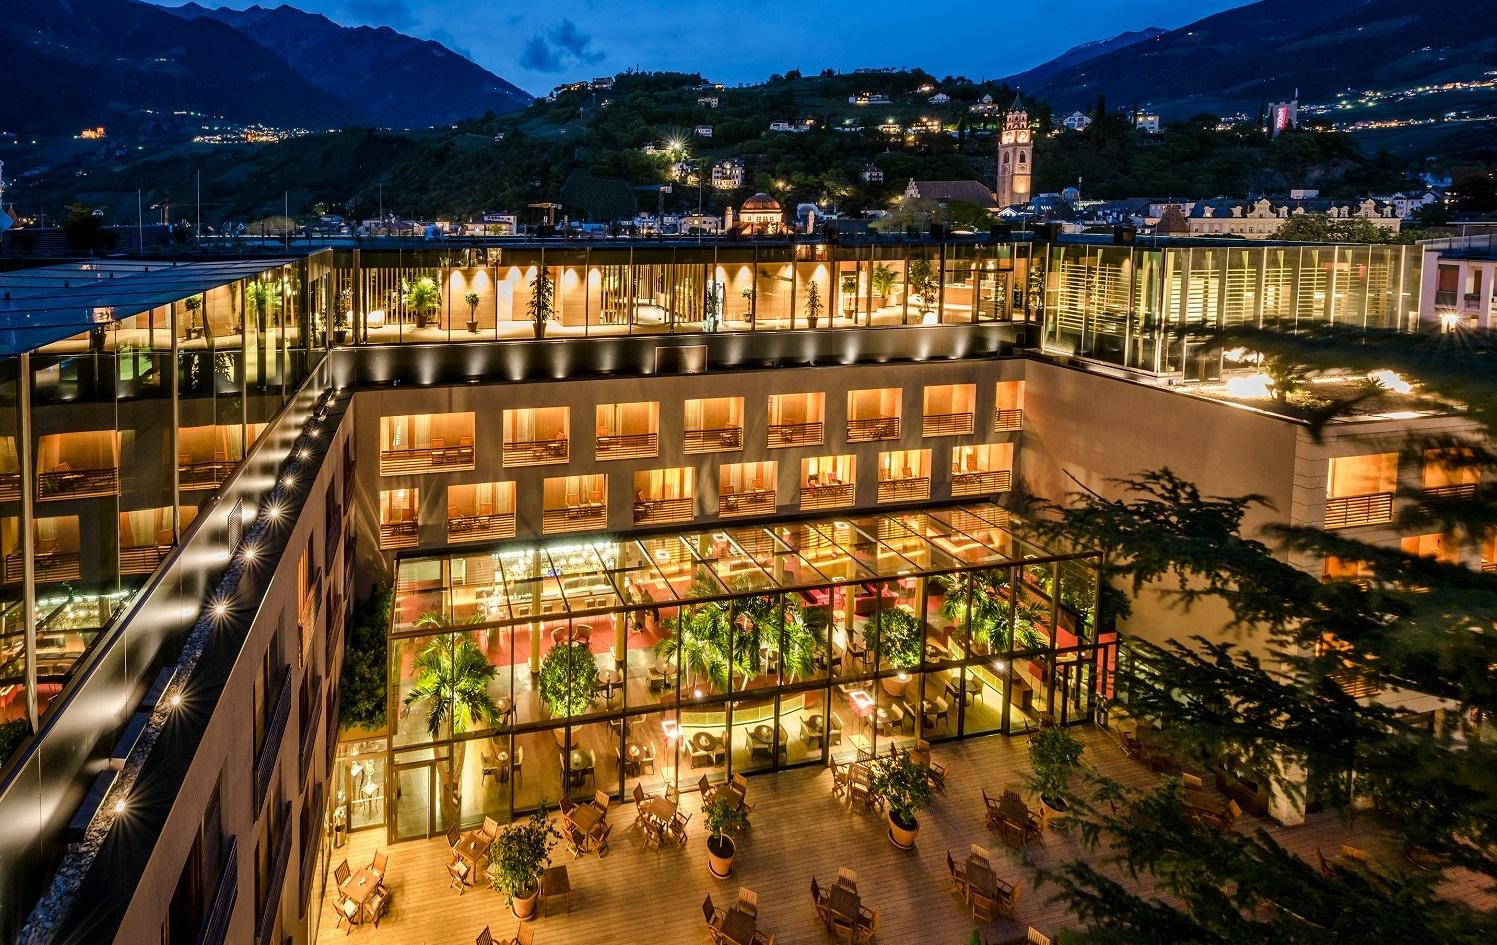 Hotel therme meran bilder vom wellnesshotel for Hotel meran design